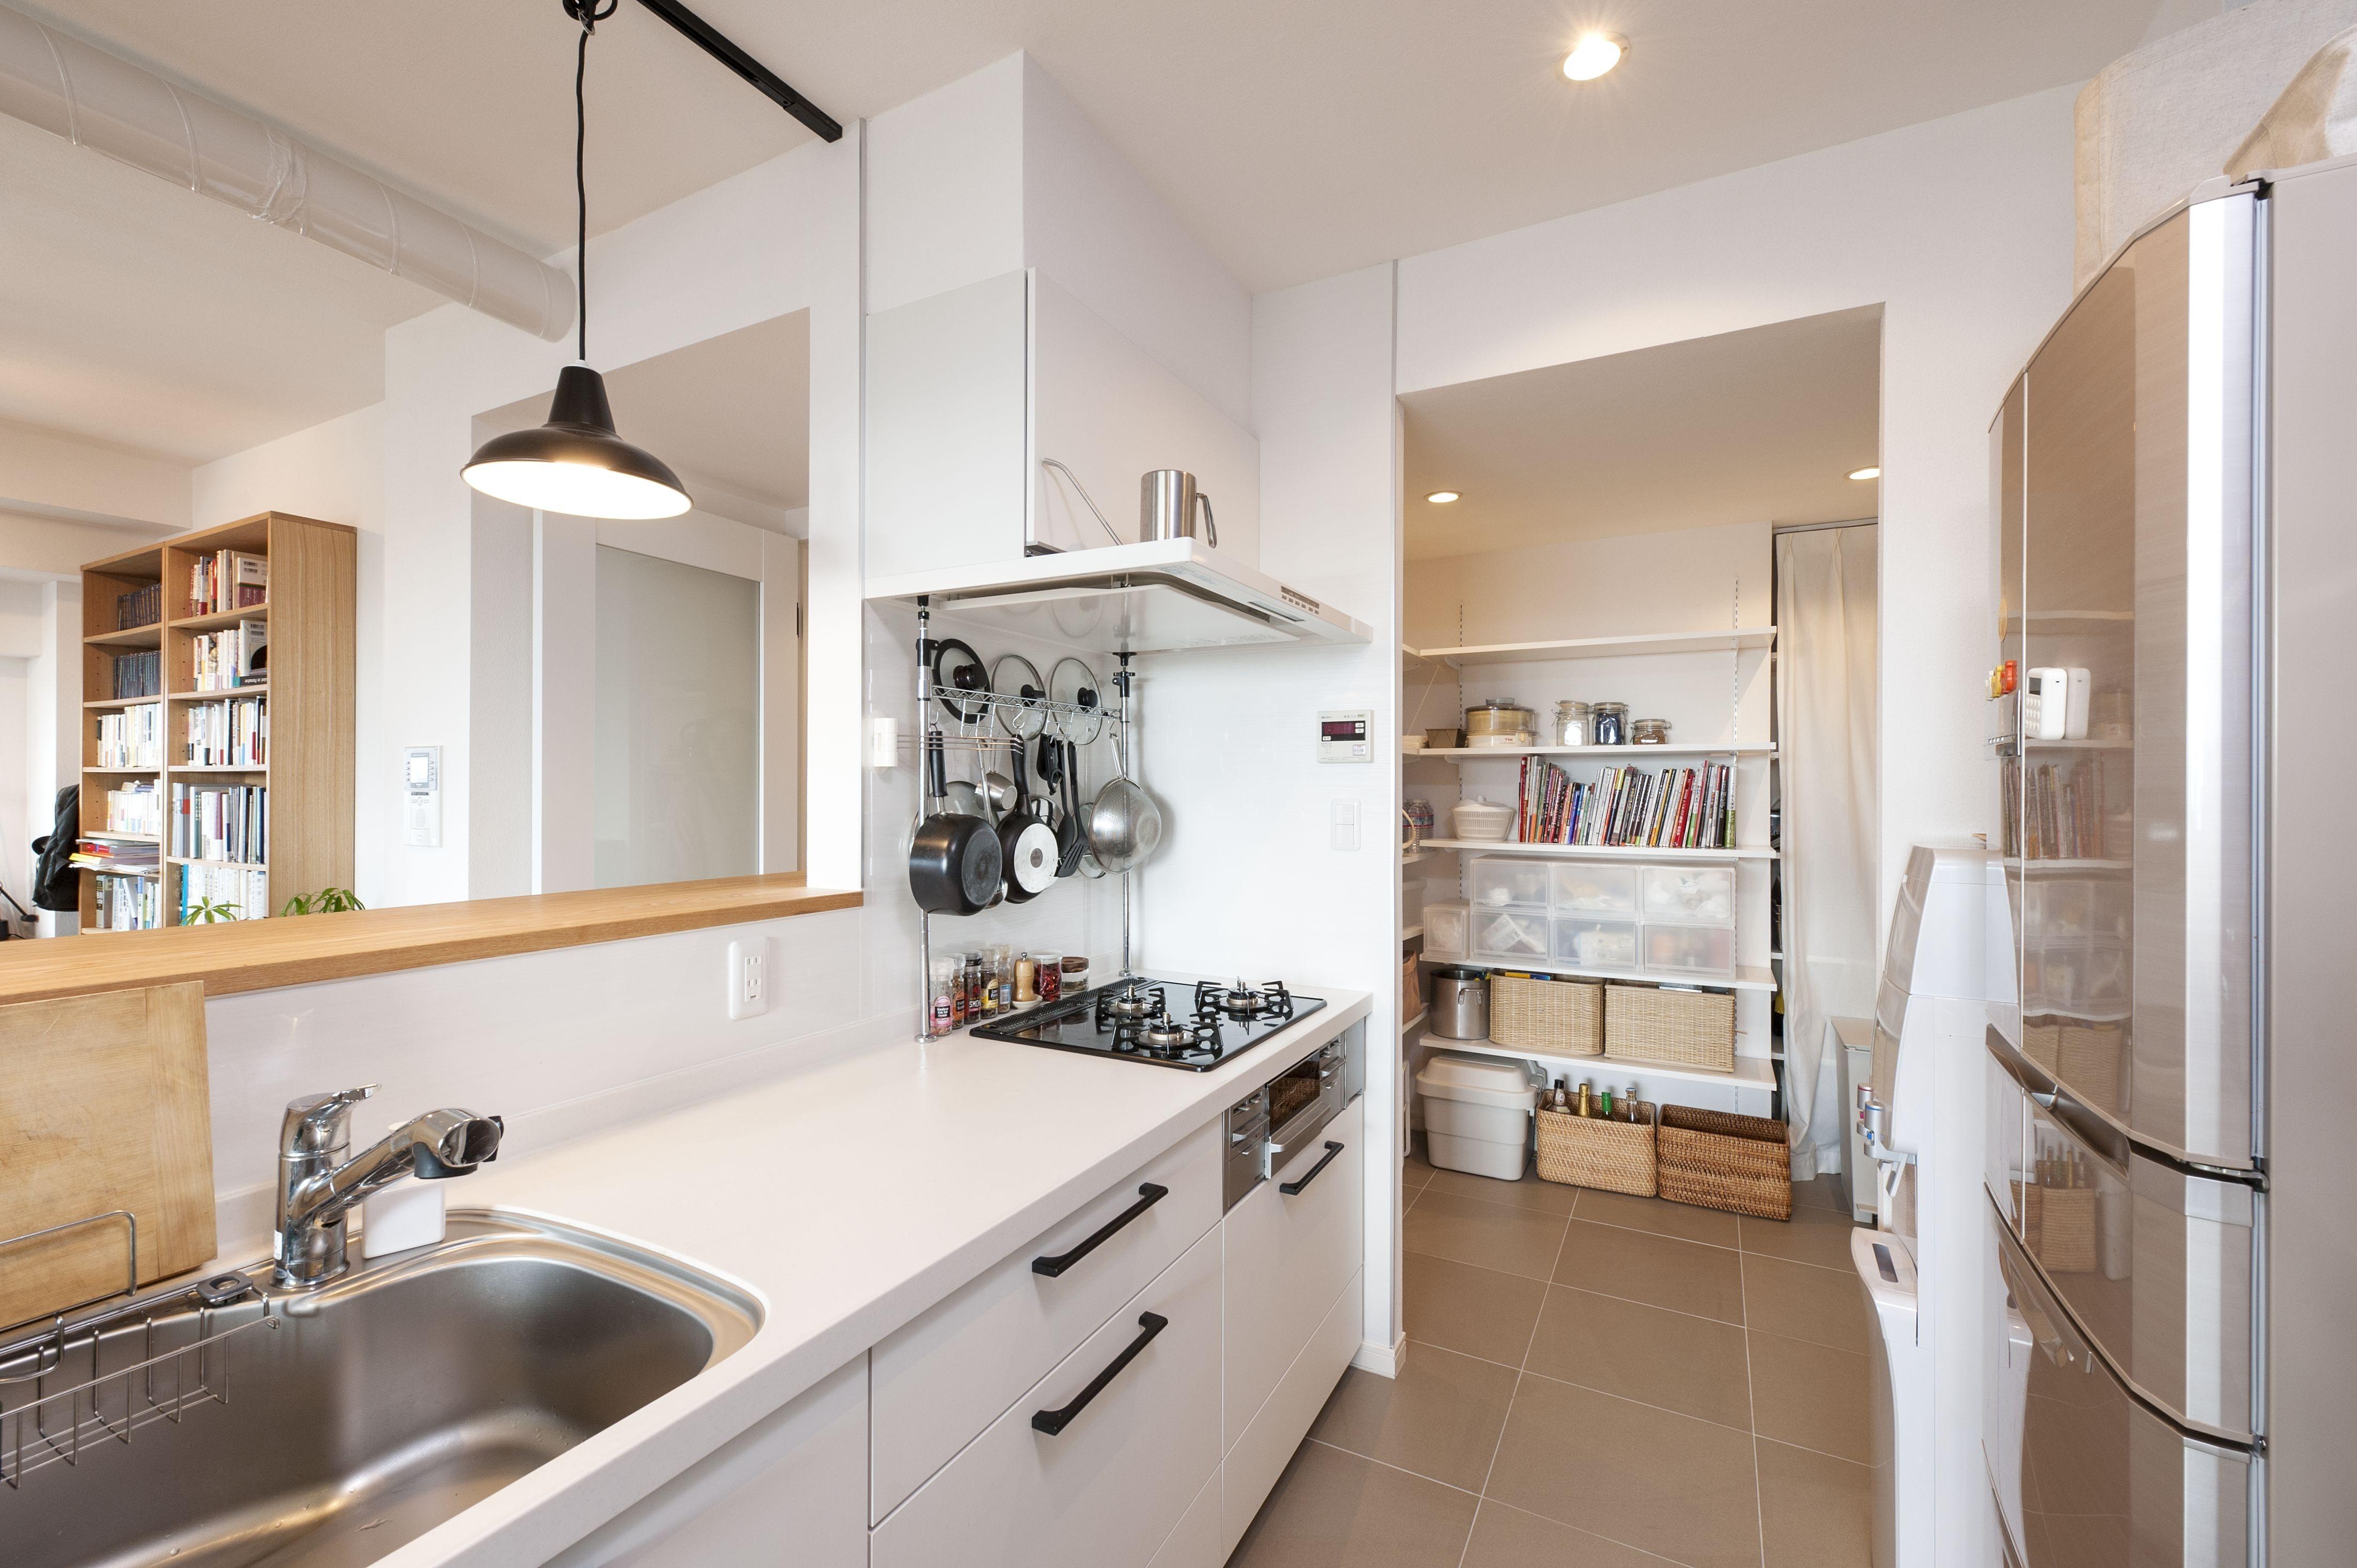 キッチン事例:パントリーを設け収納を確保(築10年のマンションを購入し、間取りと内装を好みやライフスタイルに合わせて一新。思い通りの住まいに。)